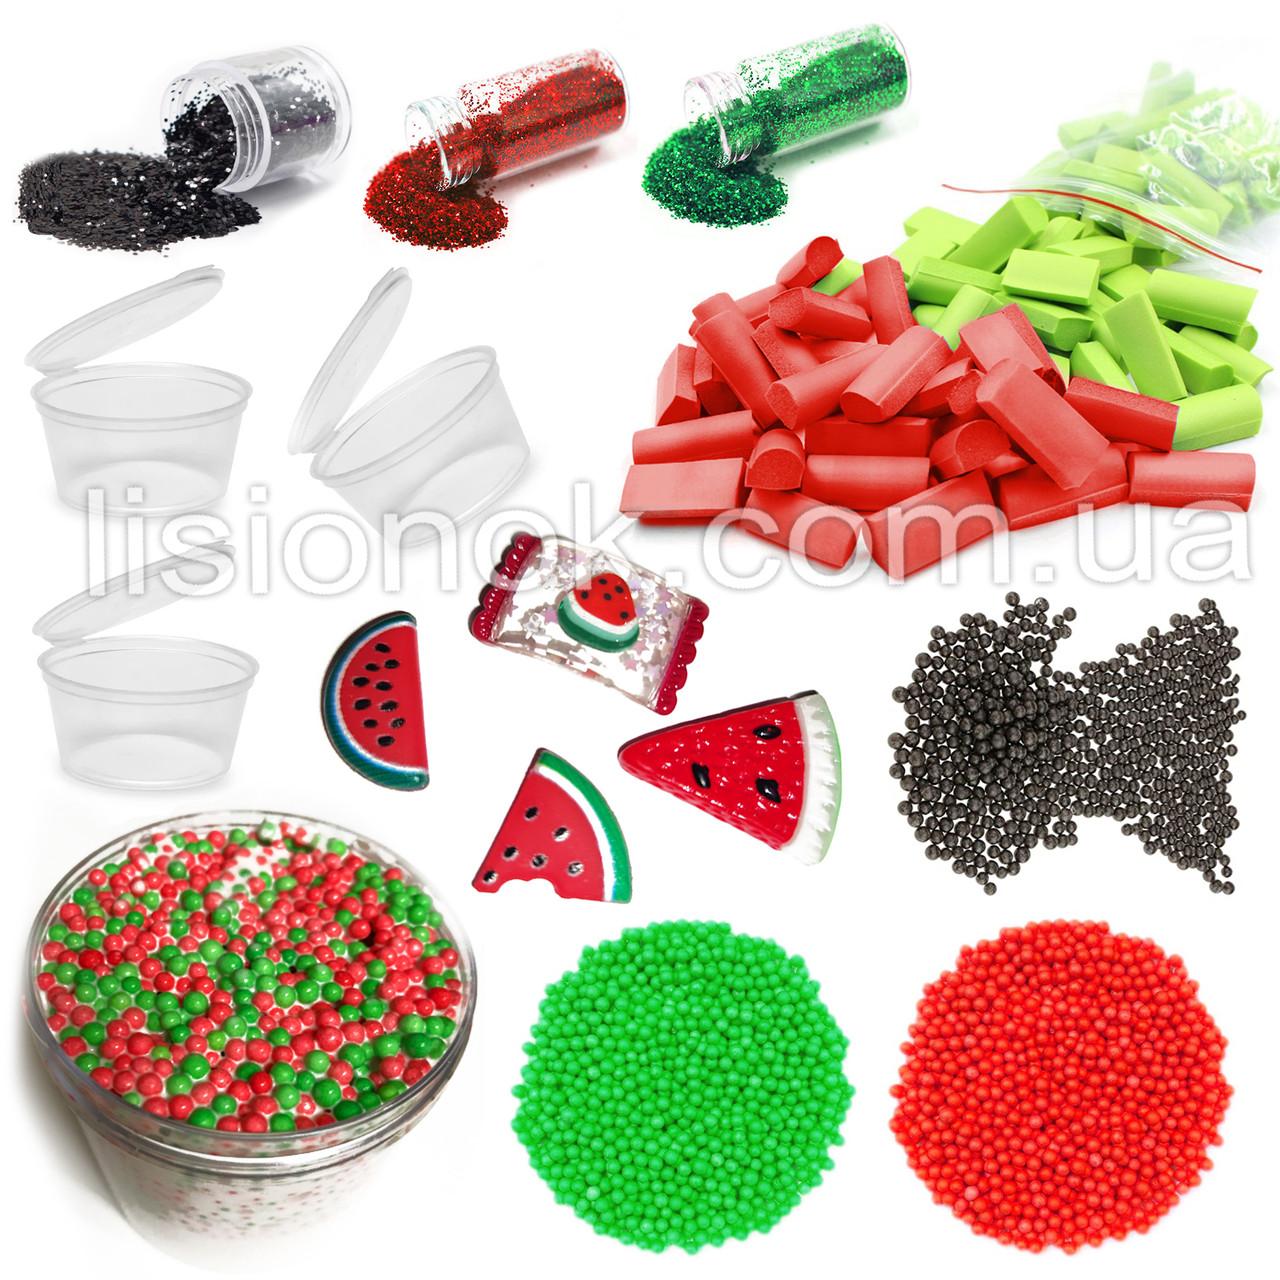 """Slime box """"Кавуновий сорбет"""" набір добавок для слаймів: шармікі, пінопласт, Фоам чанкс, гліттер, баночки"""